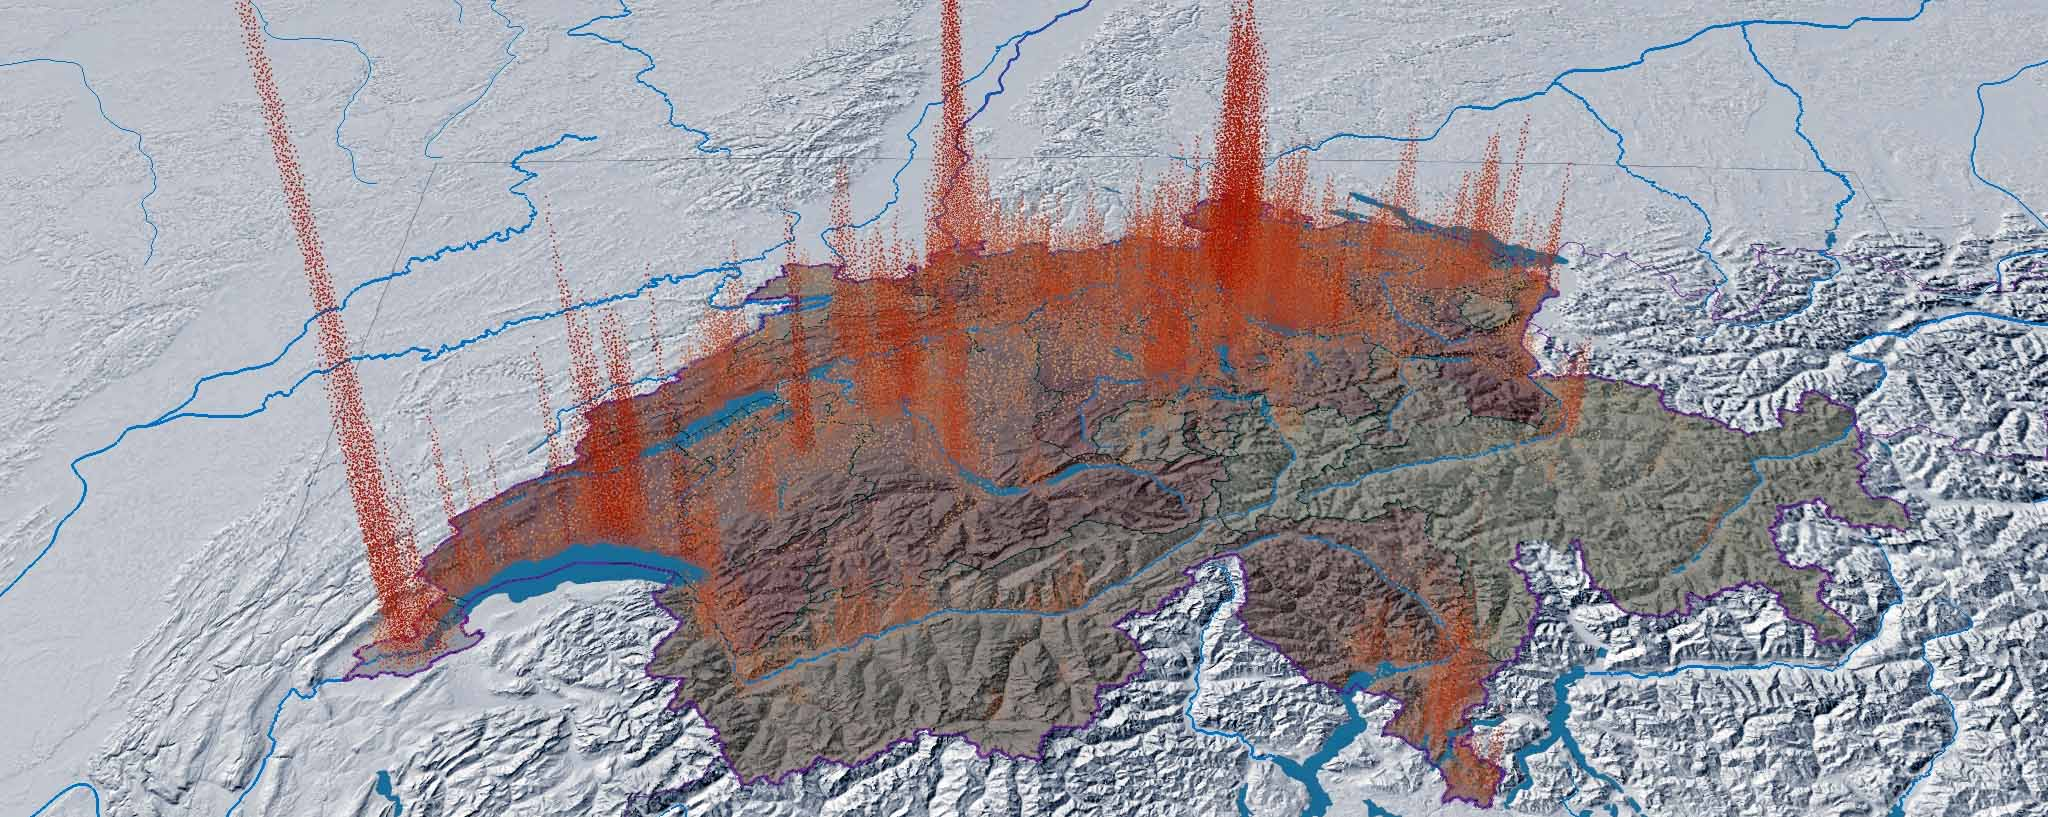 Screenshot aus dem Atlas der Schweiz. die modellierte Bevölkerungsdichte wird als Punktwolke dargestelllt, die Bevölkerungsdichte auf Kantonebene in Form einer transparent über die Reliefschattierung gelegte Chloroplethenkarte. (Quelle: Atlas der Schweiz